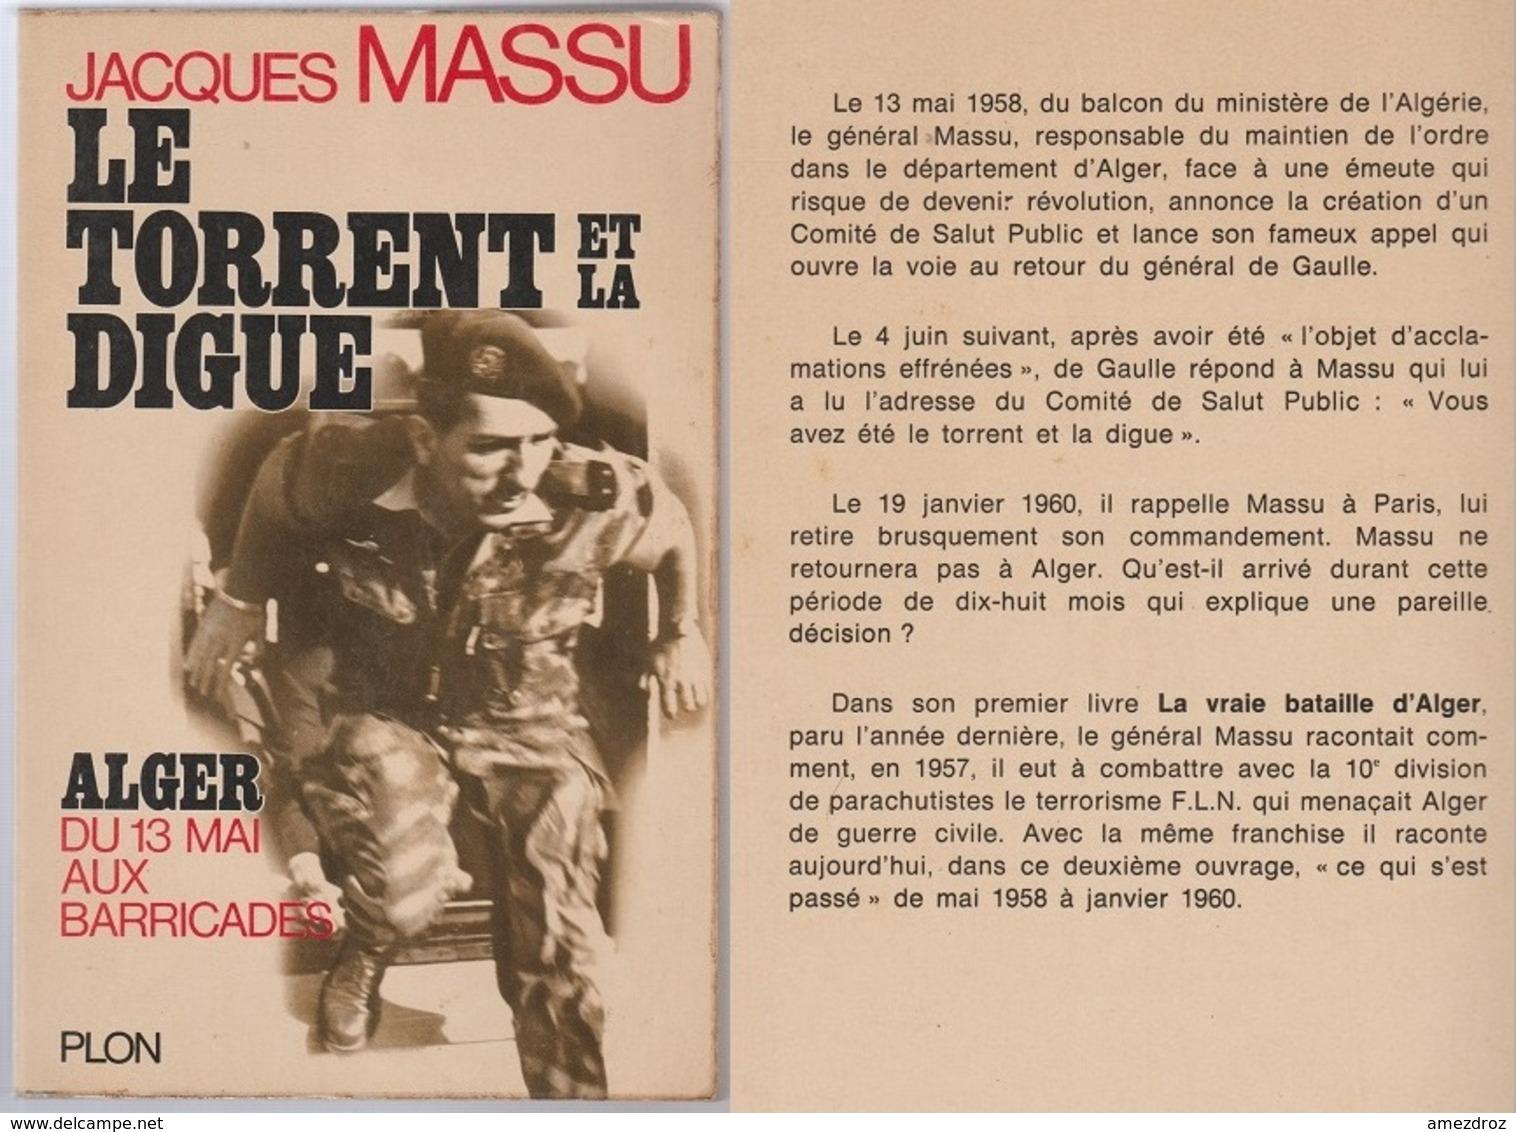 Jacques Massu Le Torrent Et La Digue, Alger Du 13 Mai Aux Barricades - Boeken